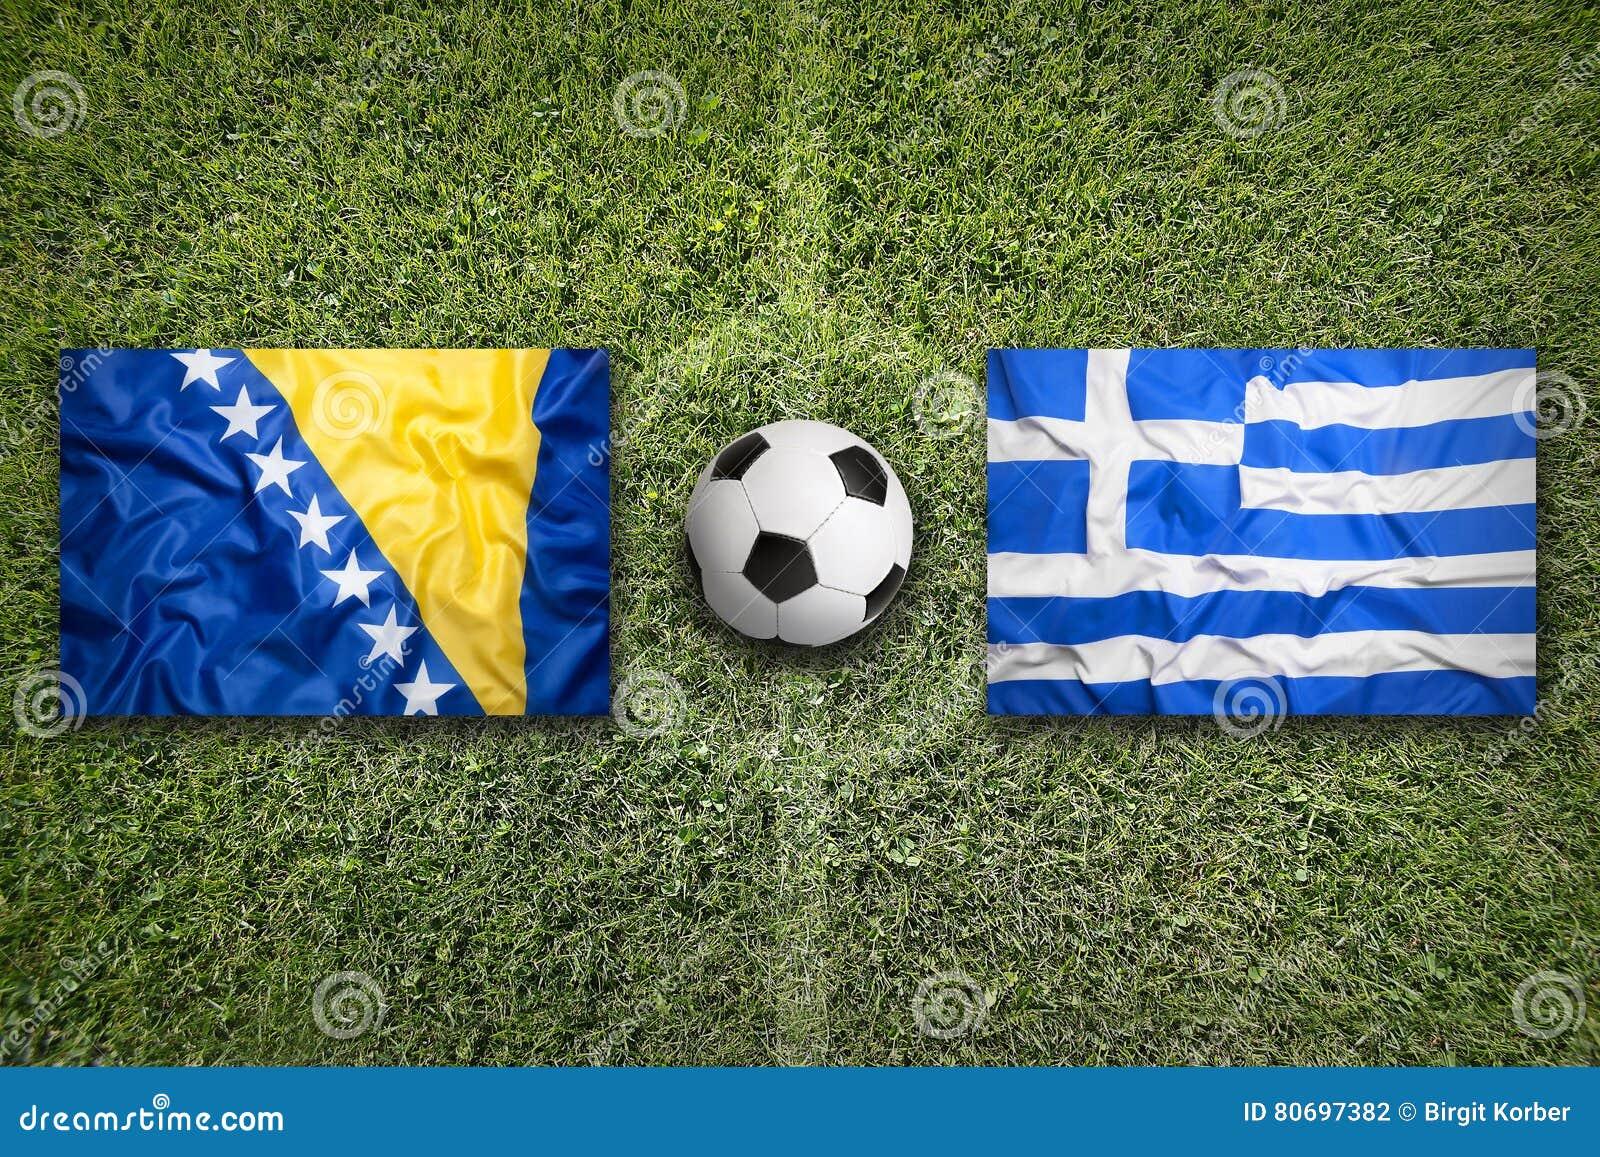 Bosnië-Herzegovina versus De vlaggen van Griekenland op voetbalgebied